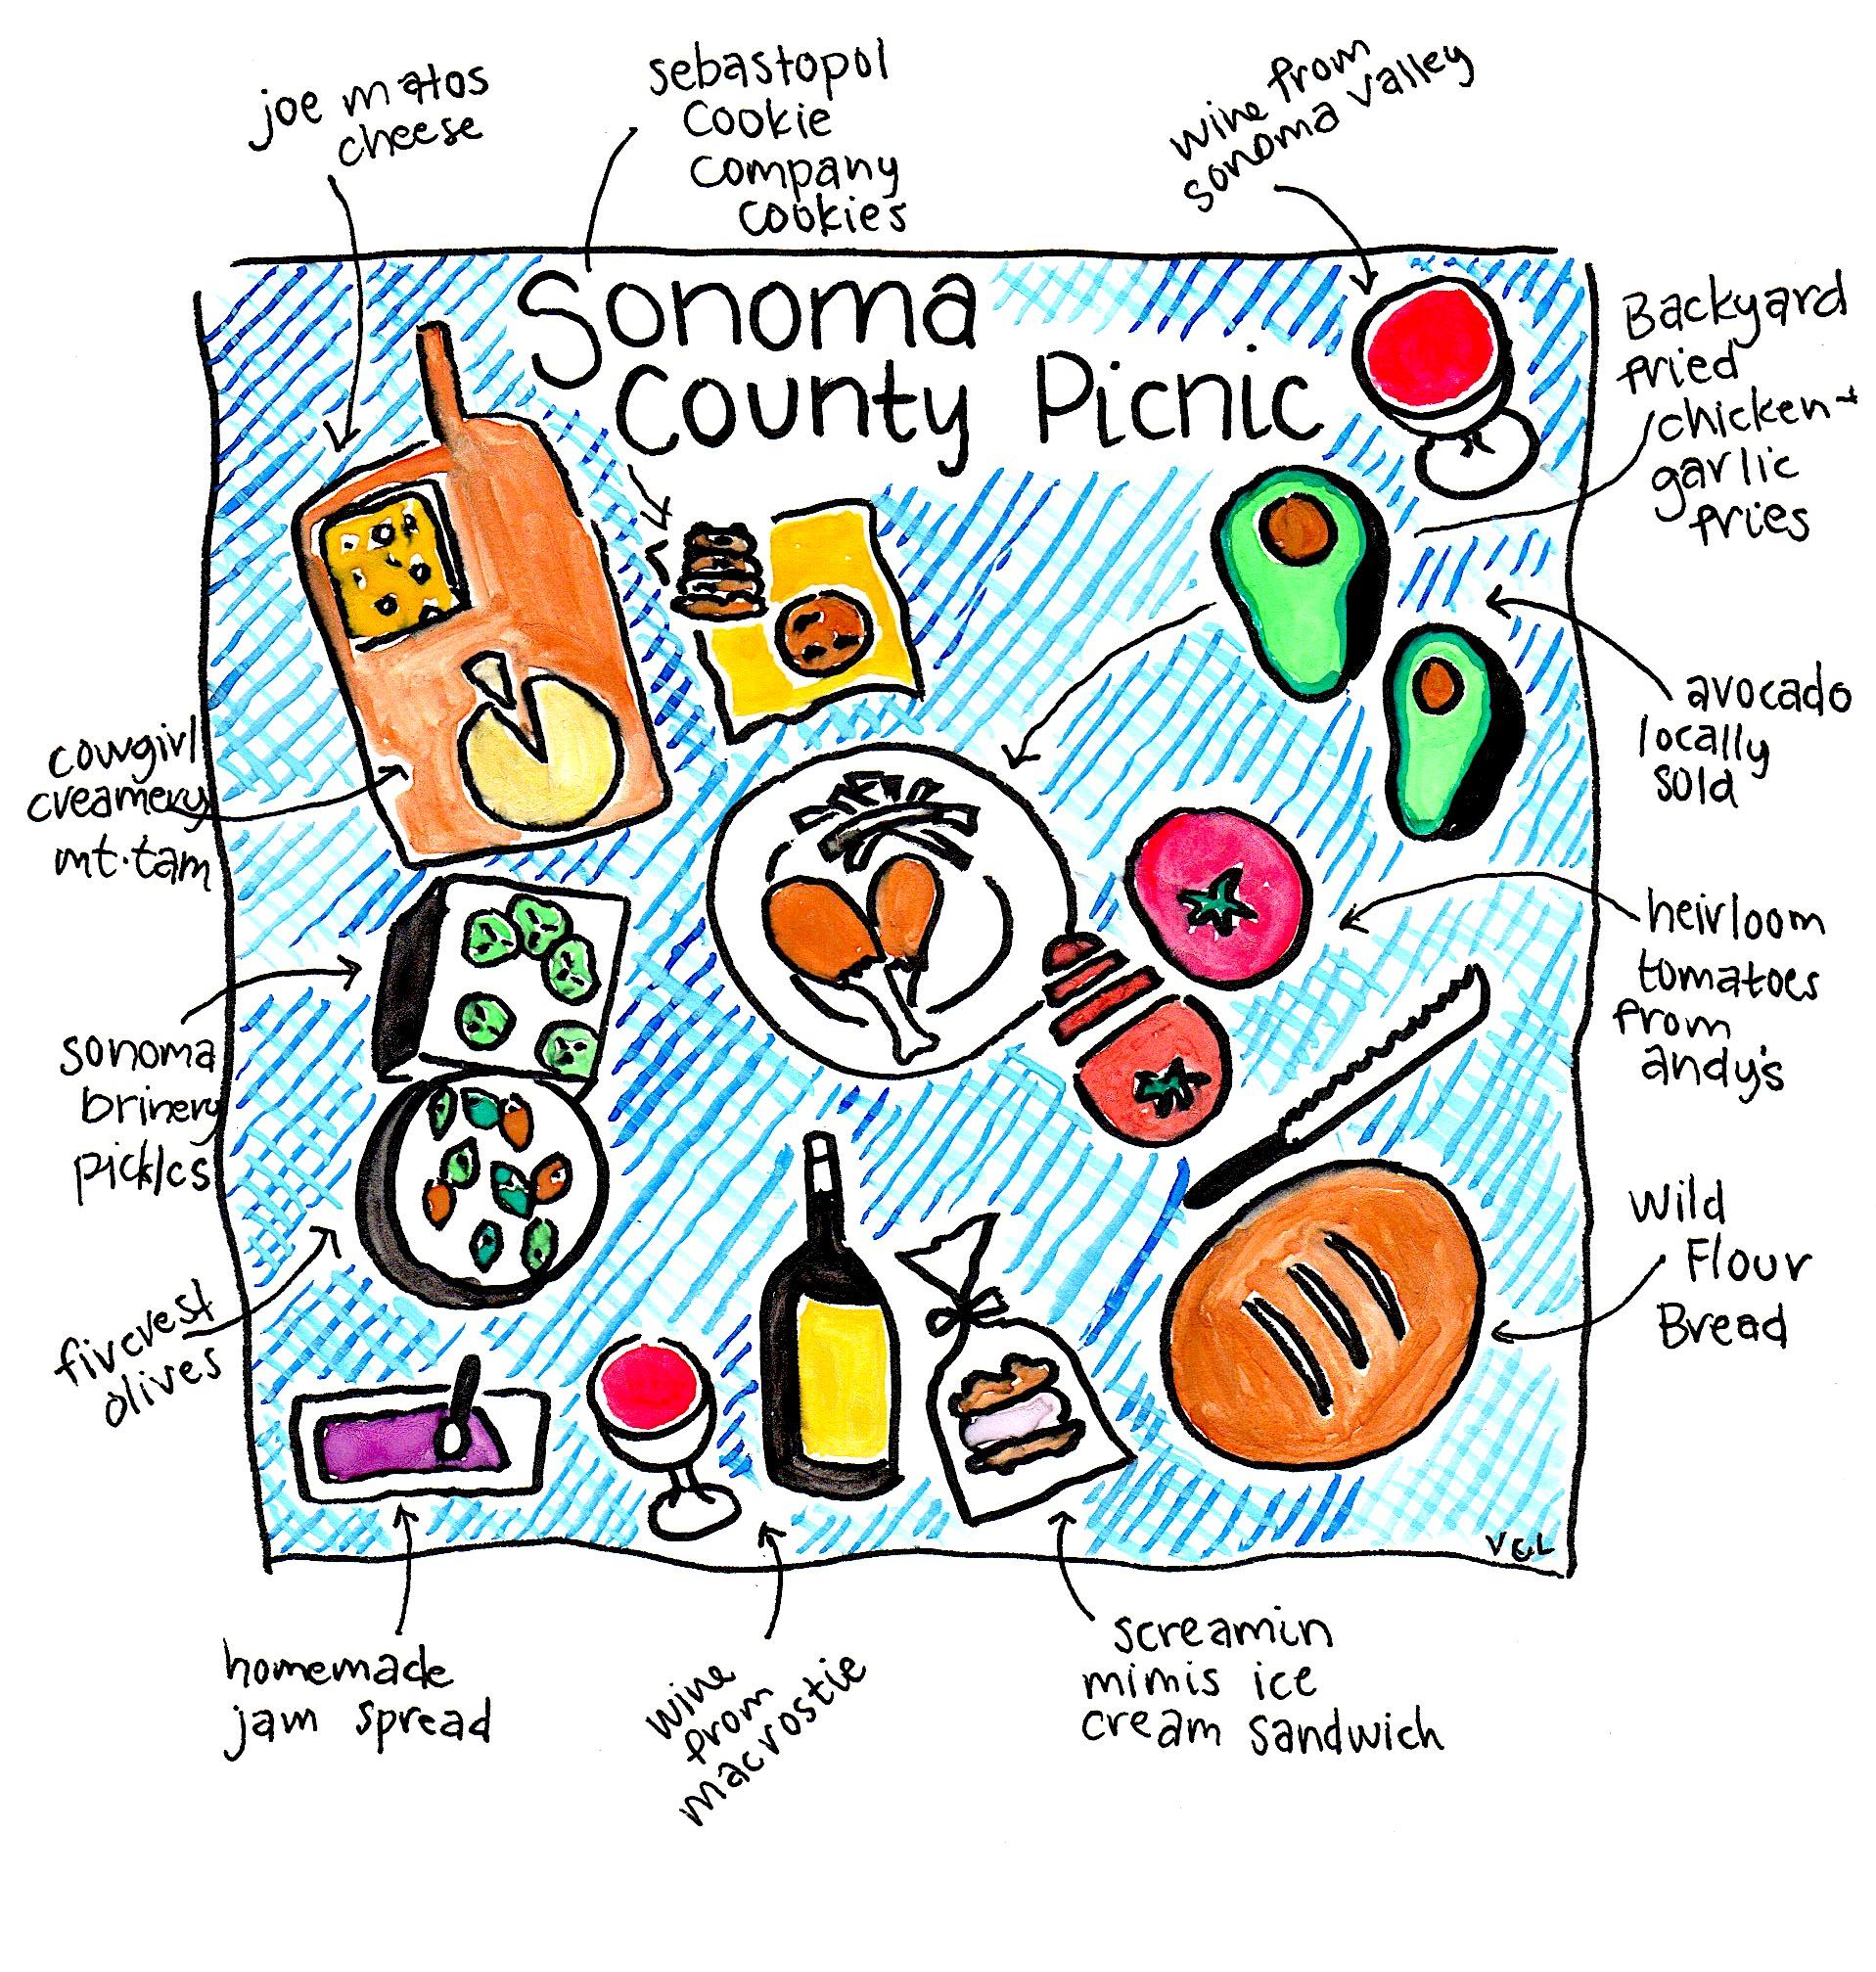 Sonoma County Picnic